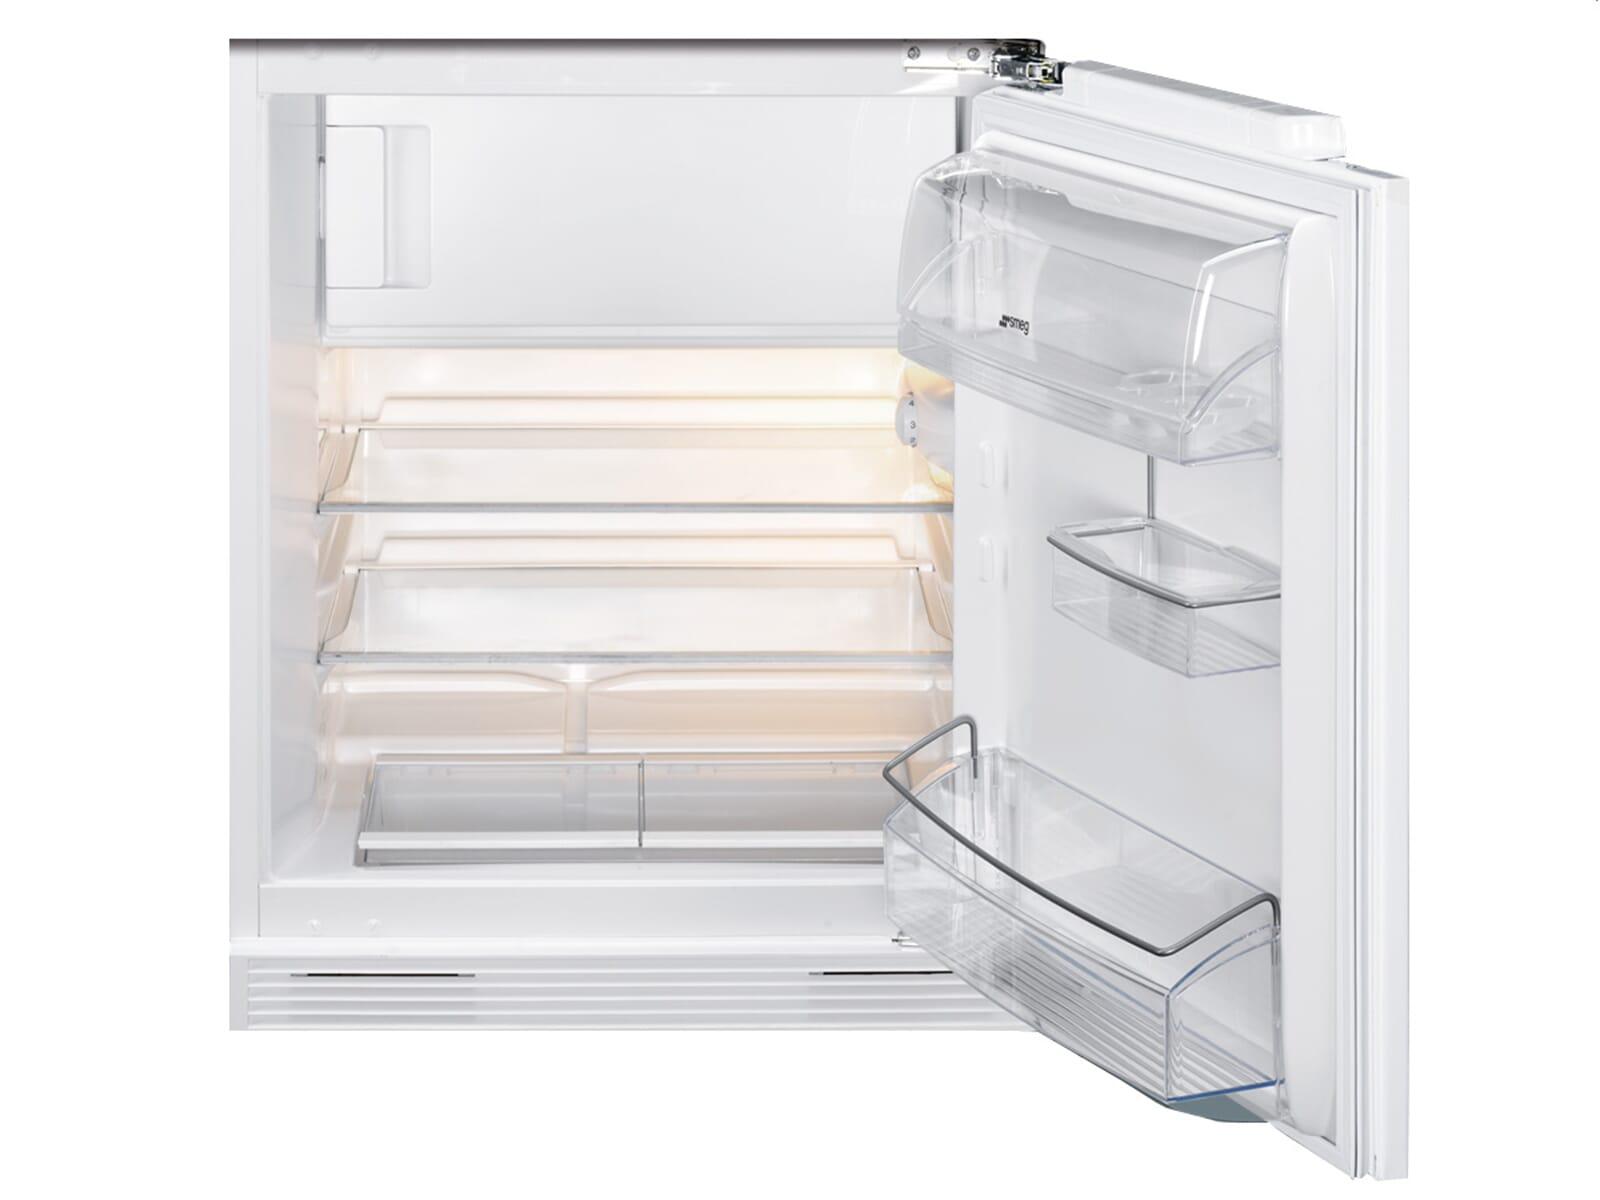 Kühlschrank Von Smeg : Standkühlschrank mit gefrierfach furchterregend auf kreative deko